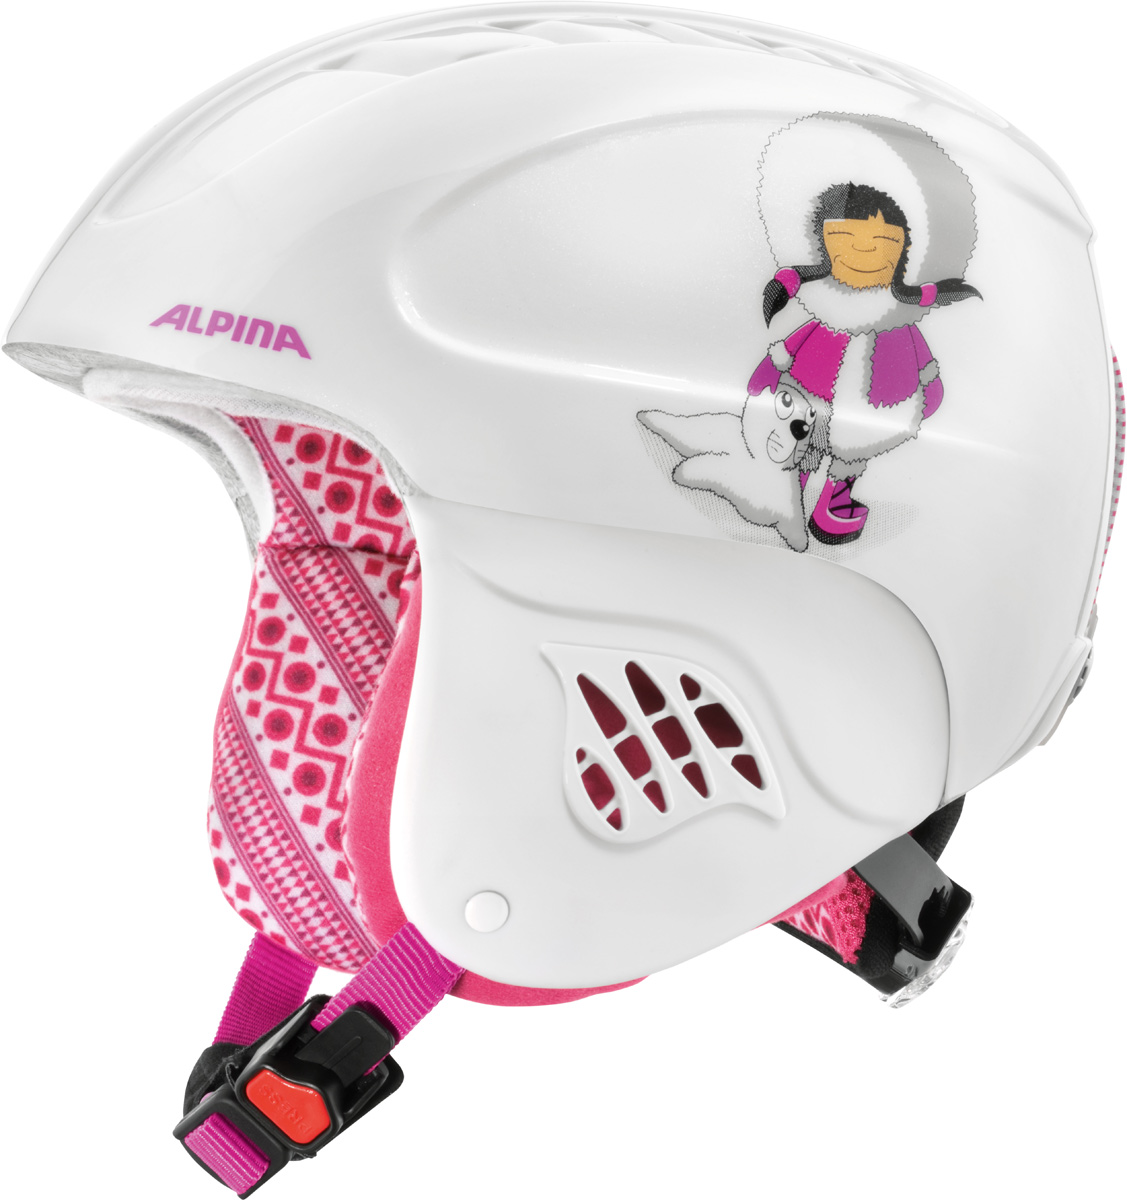 Шлем горнолыжный детский Alpina Carat, цвет: белый, розовый. A9035_27. Размер 48-52A9035_27Дети считают, что главное это внешний вид. У родителей защита в приоритете. Эта модель Alpina Carat идеально удовлетворяет требованиям обоих поколений.Технологии: Inmold Tec – технология соединения внутренней и внешней части шлема при помощи высокой температуры. Данный метод делает соединение исключительно прочным, а сам шлем легким. Такой метод соединения гораздо надежнее и безопаснее обычного склеивания.Ceramic – особая технология производства внешней оболочки шлема. Используются легковесные материалы экстремально прочные и устойчивые к царапинам. Возможно использование при сильном УФ изучении, так же поверхность имеет антистатическое покрытие.Run System – простая система настройки шлема, позволяющая добиться надежной фиксации.Changeable Interior – съемная внутренняя часть. Допускается стирка в теплой мыльной воде.Neckwarmer – дополнительное утепление шеи. Изготовлено из мягкого флиса.Venting System – особые вентиляционные отверстия для отведения излишнего тепла и поддержания оптимальной температуры.